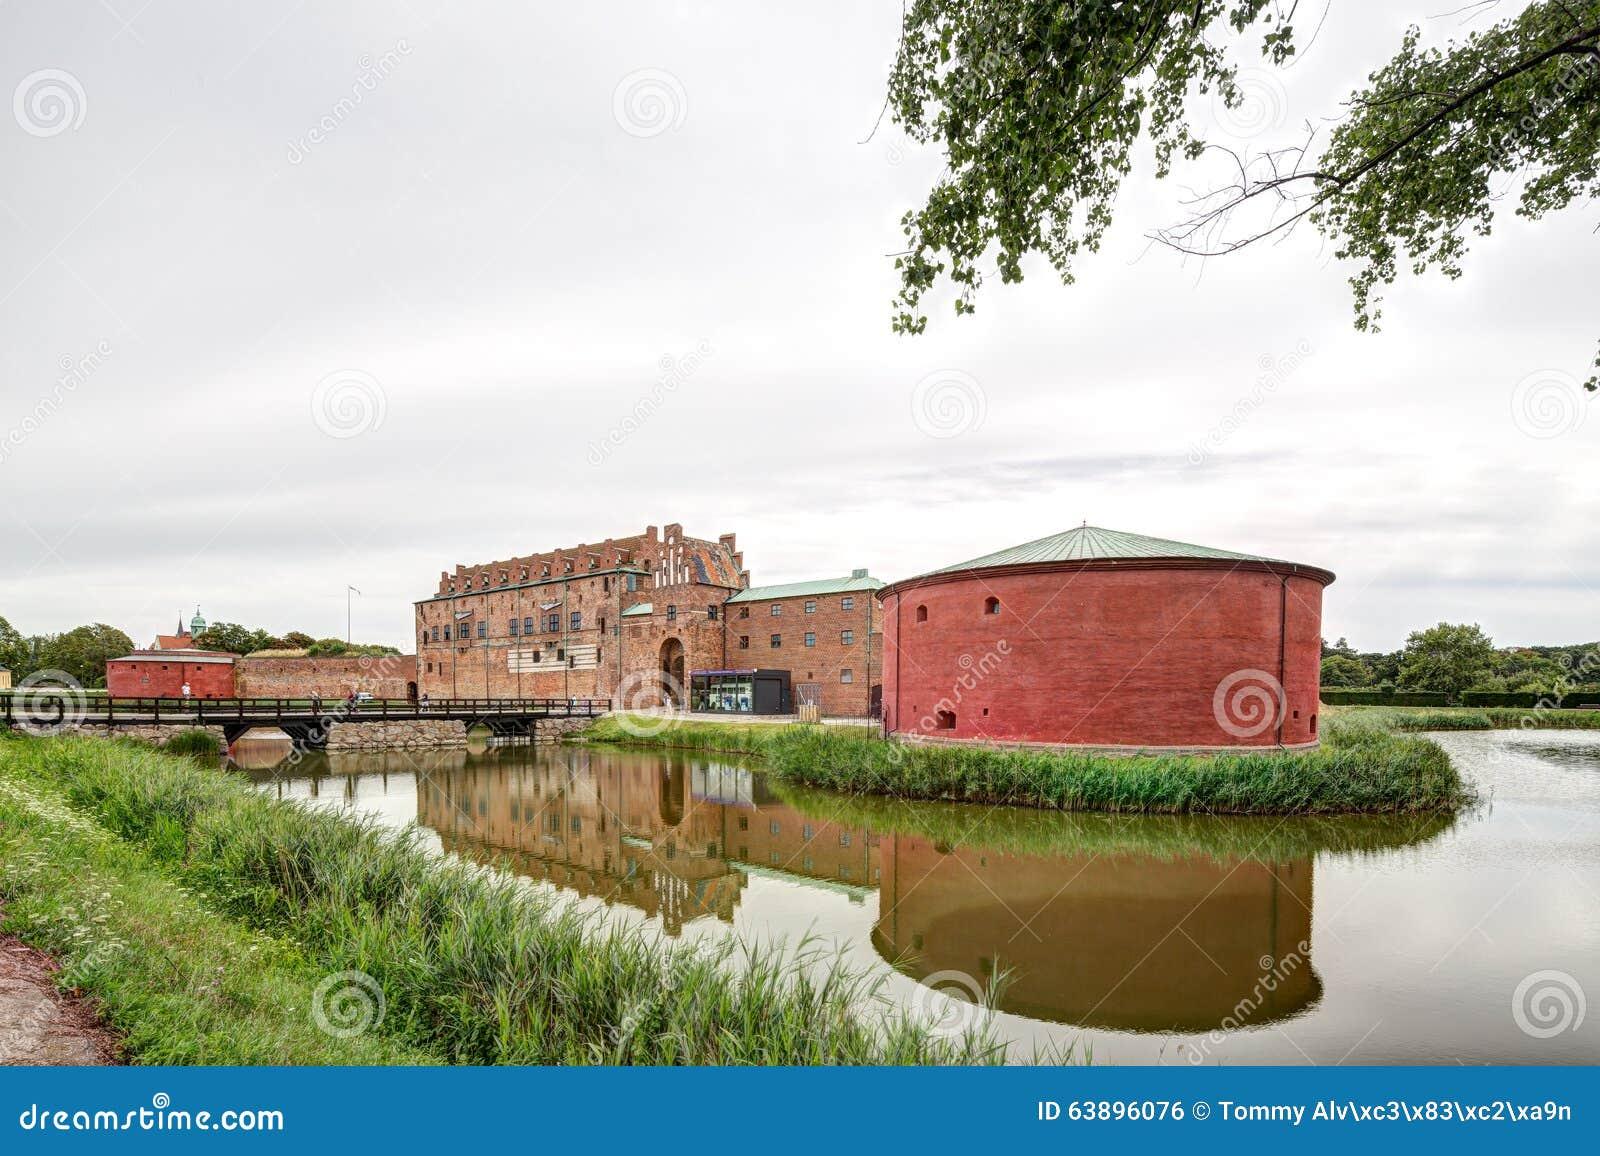 Malmo Castle Editorial Photo Image Of Prison Historic